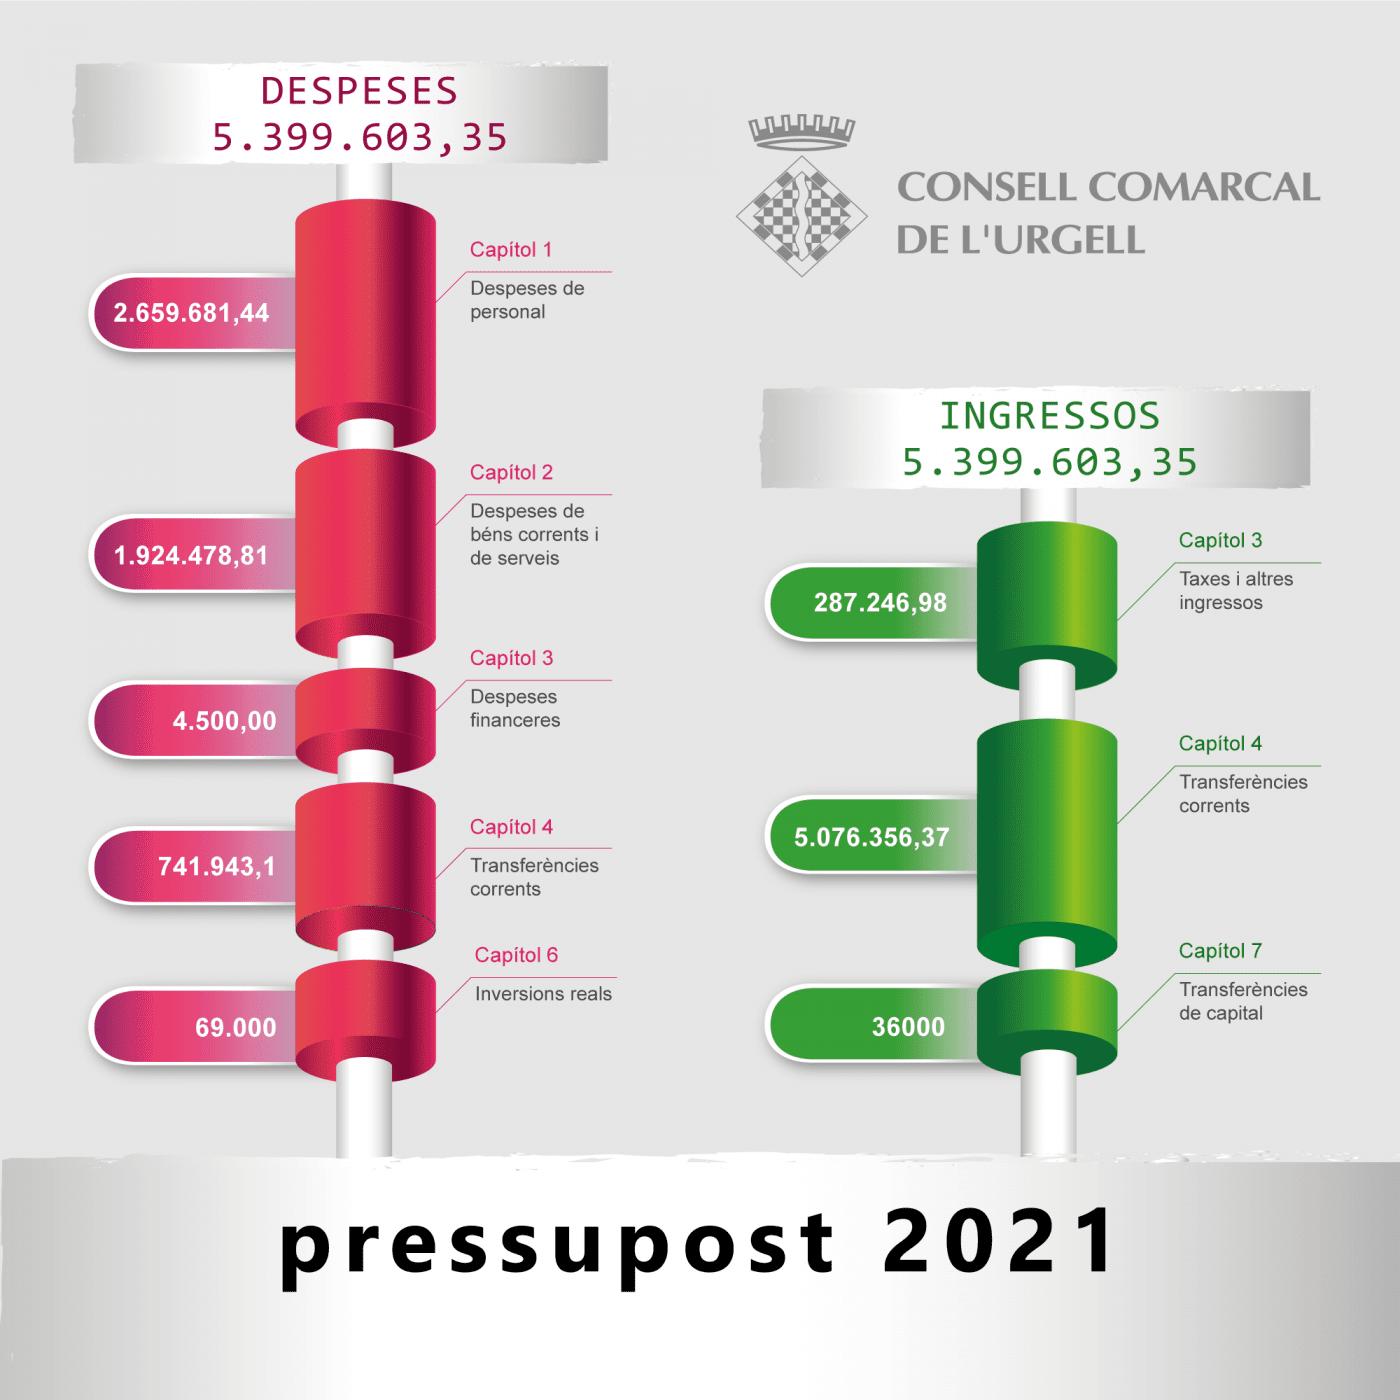 El Consell Comarcal de l'Urgell aprova un pressupost per al 2021 amb un increment molt destacat pel que fa a l'àrea de serveis socials.